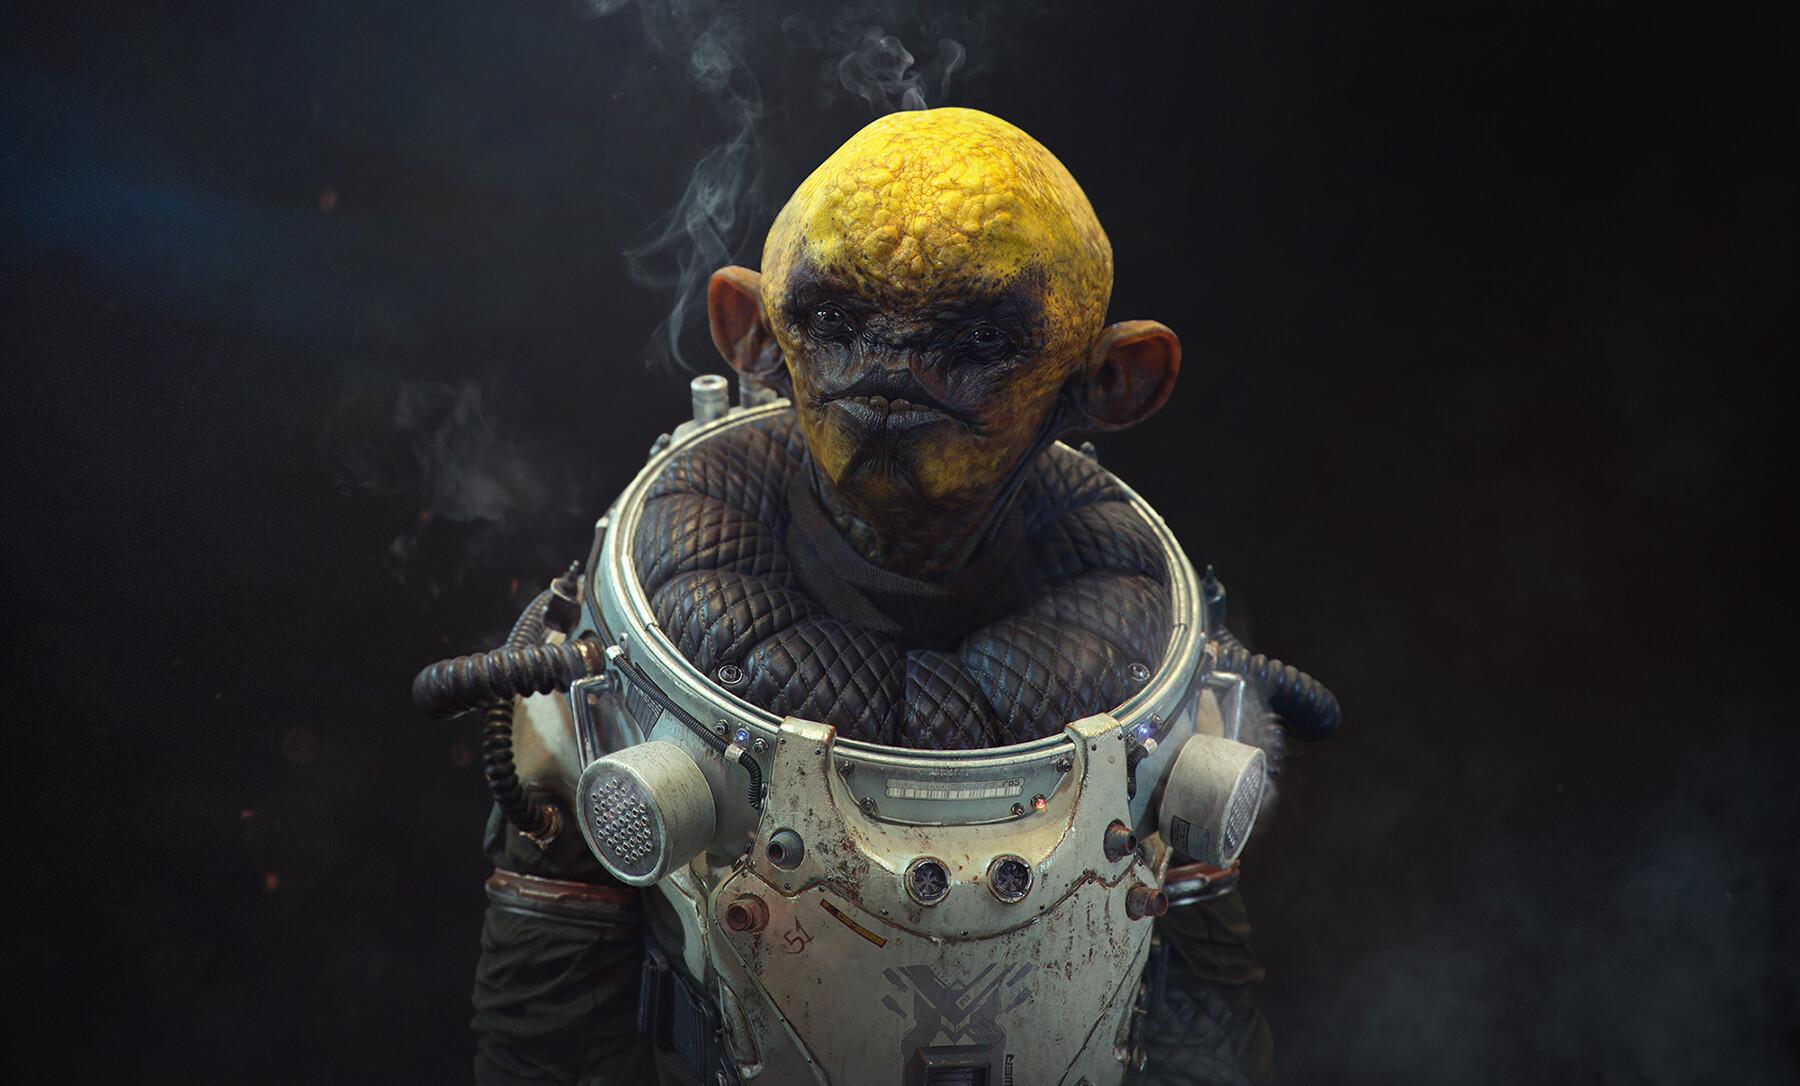 pablo-munoz-gomez-alien-troll-04.jpg?156